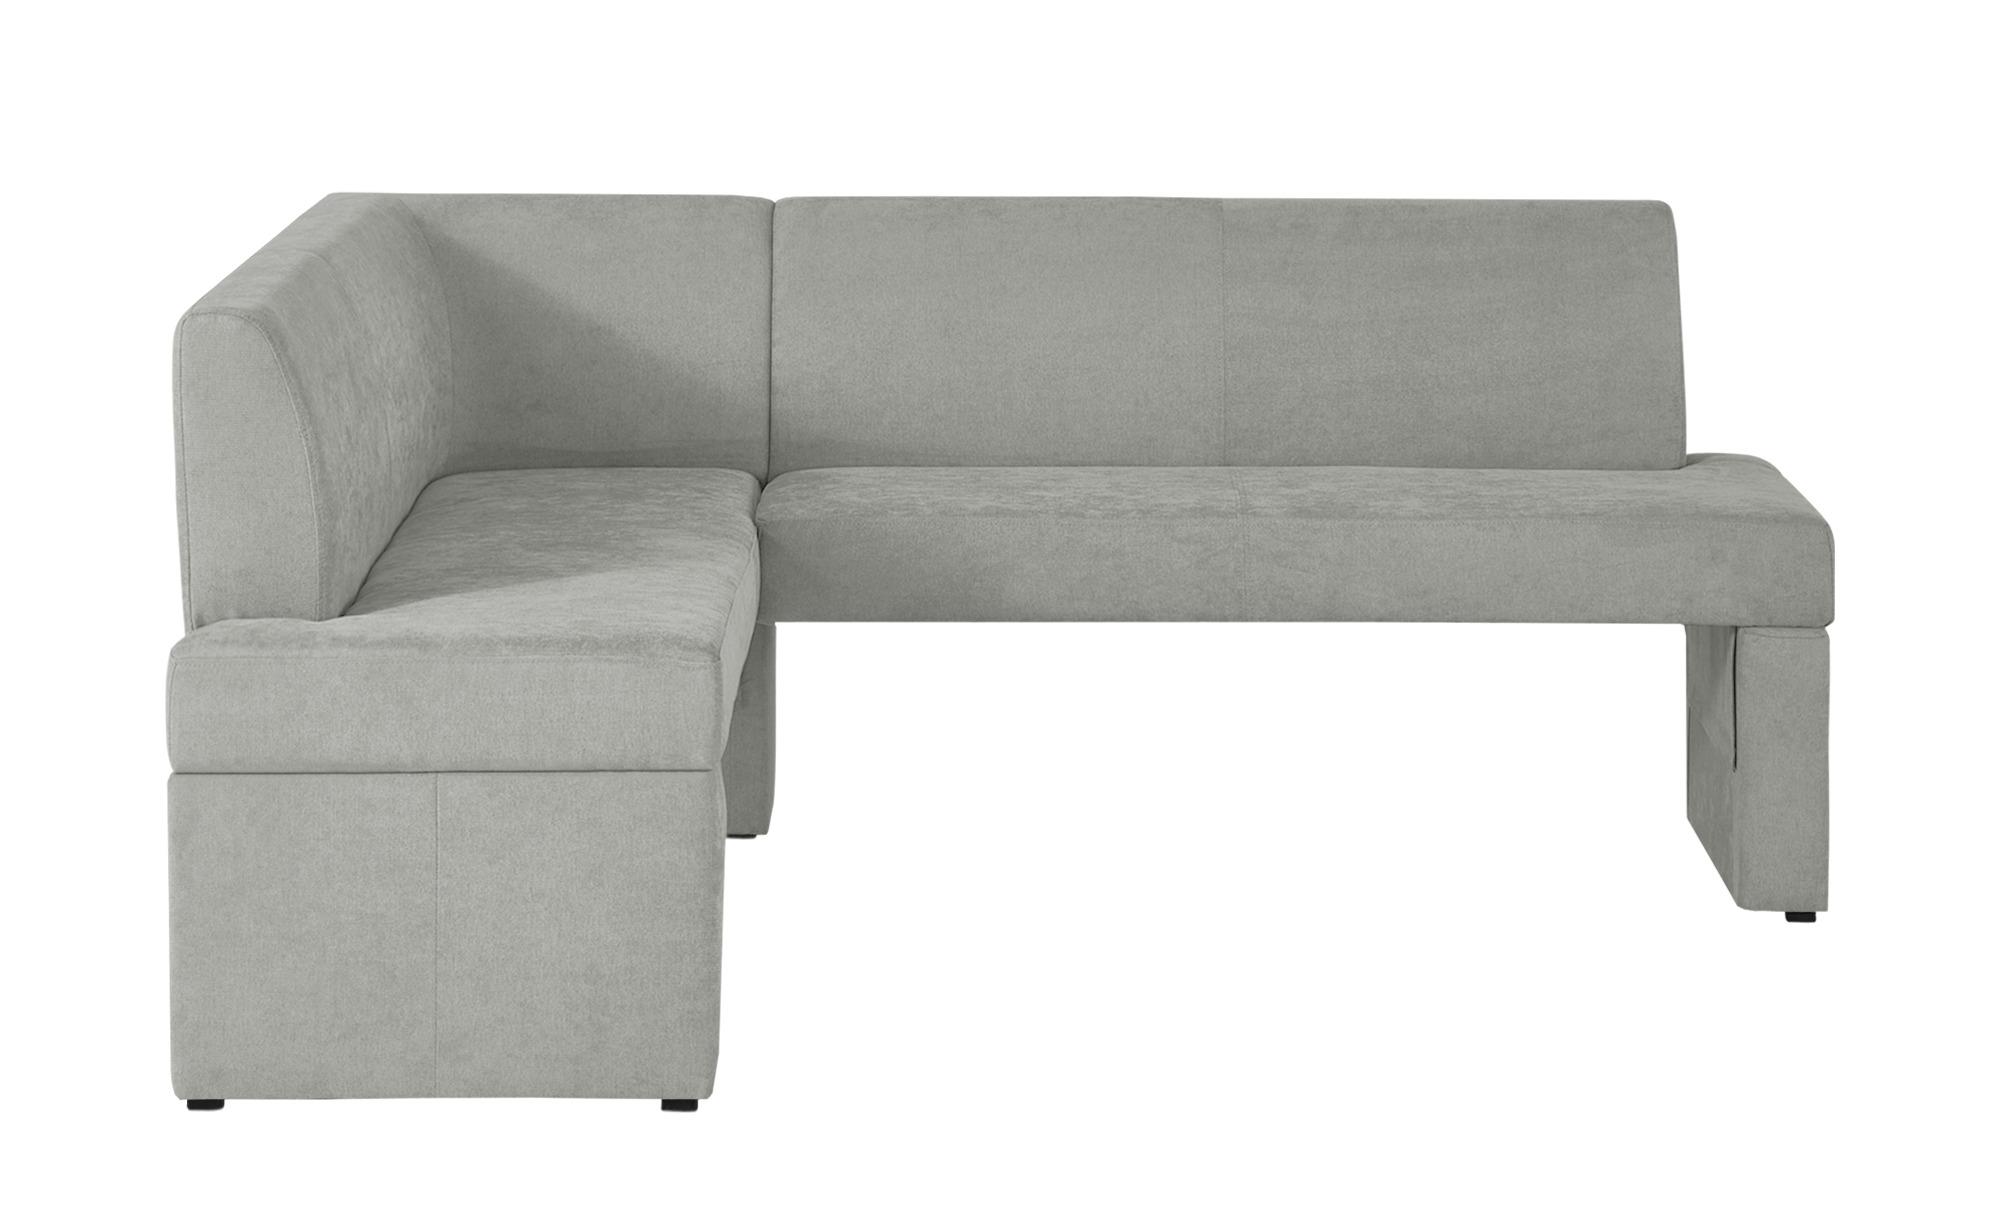 smart Eckbank  Pillow ¦ grau ¦ Maße (cm): H: 83 Bänke > Eckbänke - Höffner | Küche und Esszimmer > Sitzbänke > Eckbänke | Möbel Höffner DE